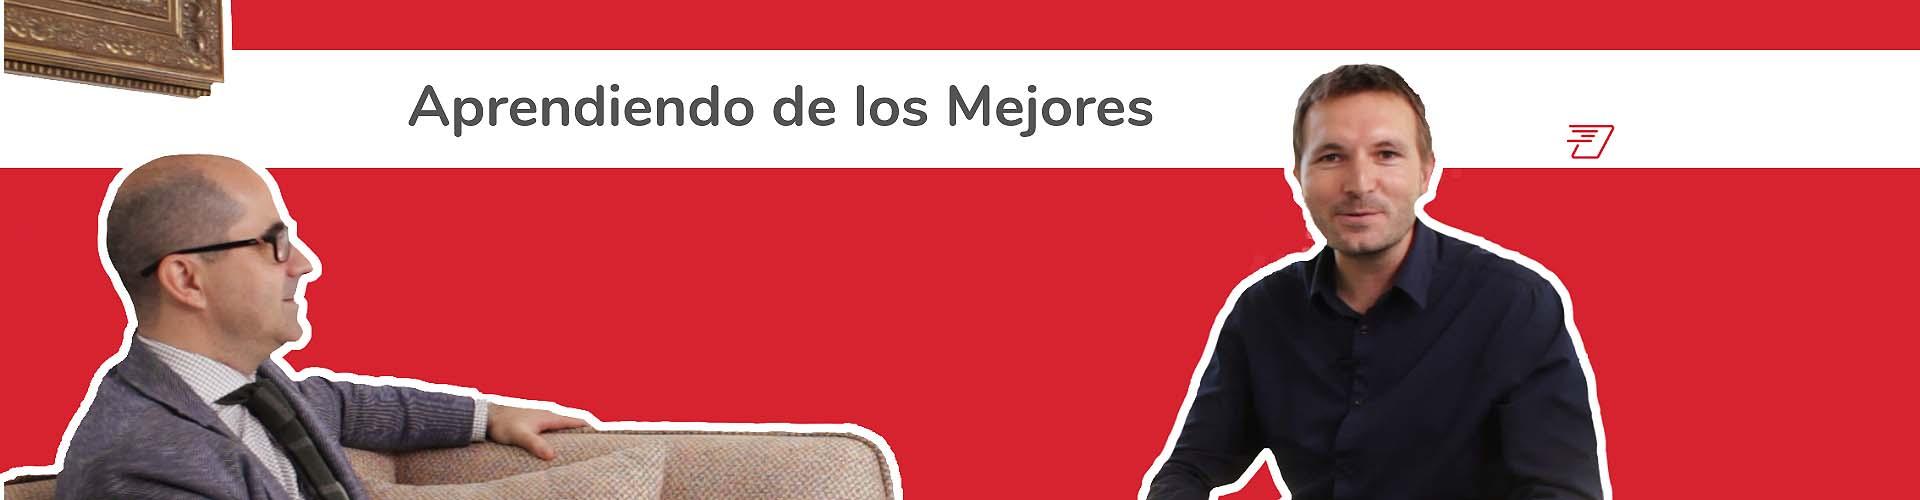 Entrevista con Francisco Alcaide